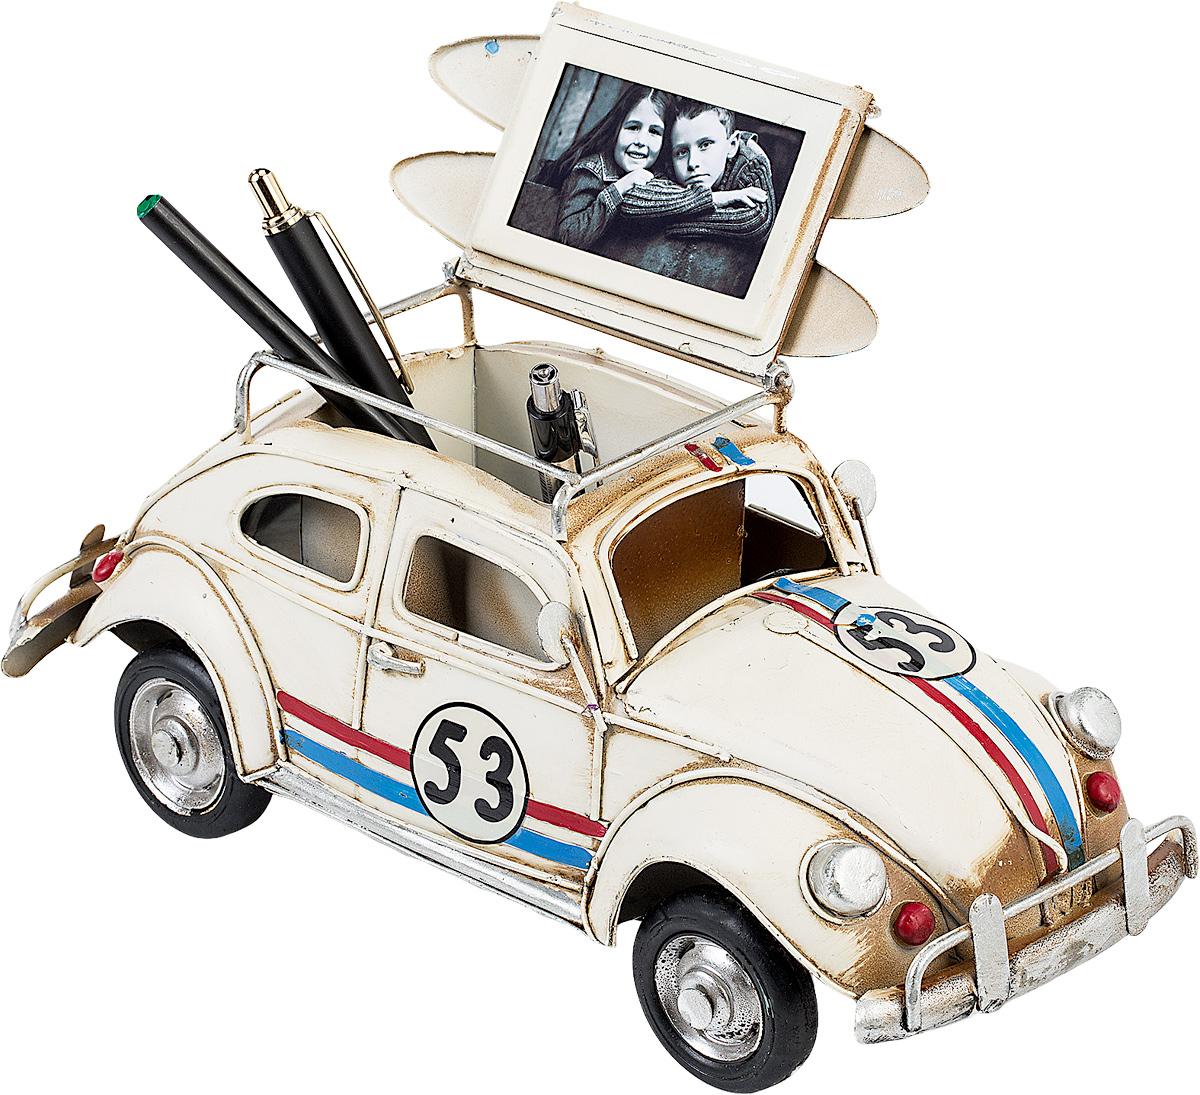 Модель Platinum Автомобиль, с фоторамкой и подставкой для ручек. 1404E-43371404E-4337Модель Platinum Автомобиль, выполненная из металла, станеторигинальным украшением интерьера. Вы можете поставить модель ретро- автомобиля в любом месте, где онабудет удачно смотреться. Изделие дополнено подставкой для ручек и фоторамкой, куда вы можете вставитьвашу любимую фотографию.Качество исполнения, точные детали и оригинальный дизайн выделяют этумодель среди ряда подобных. Модель займет достойное место в вашейколлекции, а также приятно удивит получателя в качестве стильного сувенира.